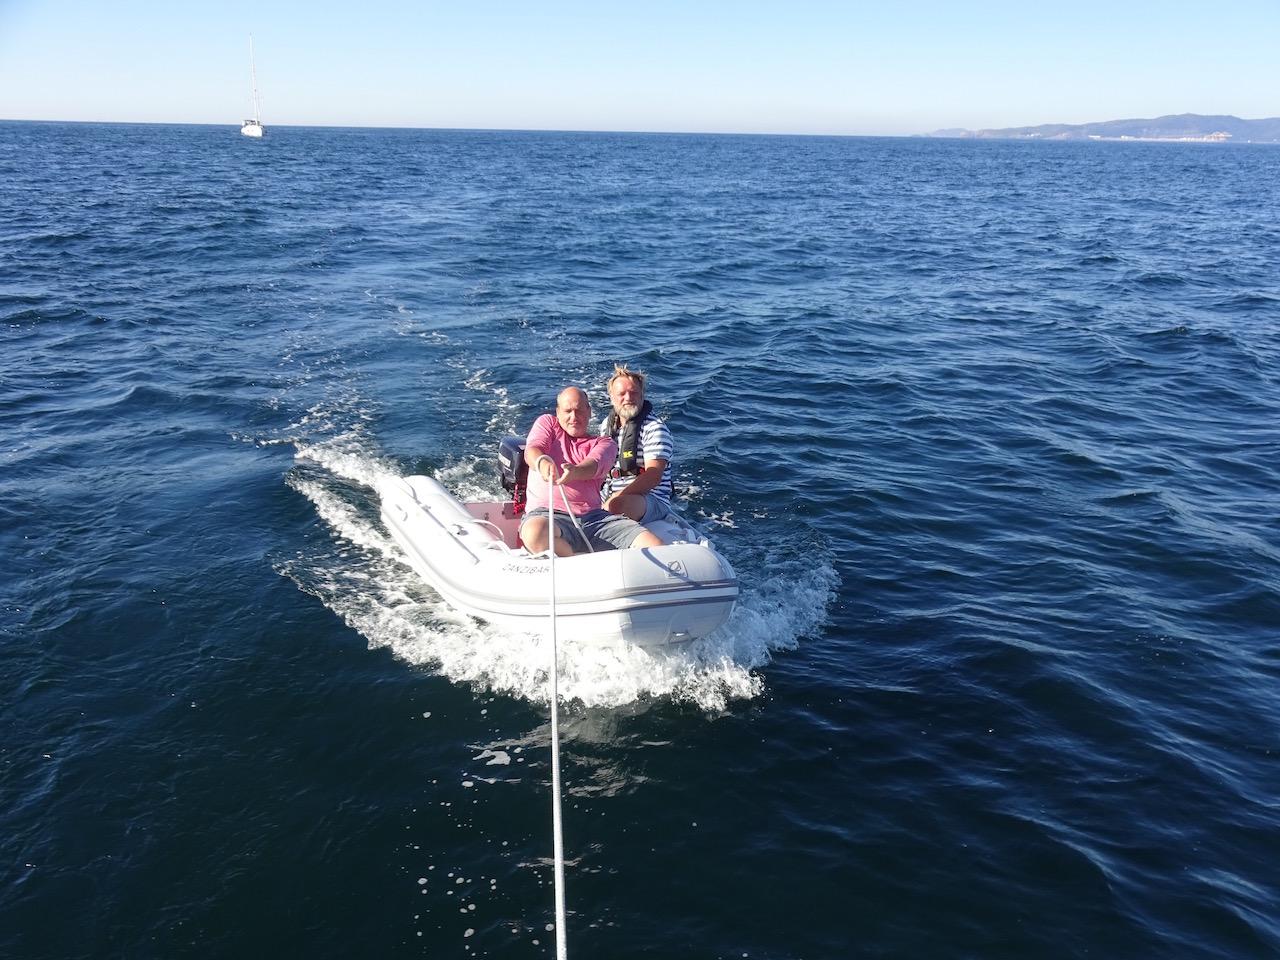 Norbert und Stefan - unser Abschleppteam, dank des guten Windes konnten wir sie dann bis zum Hafen schleppen